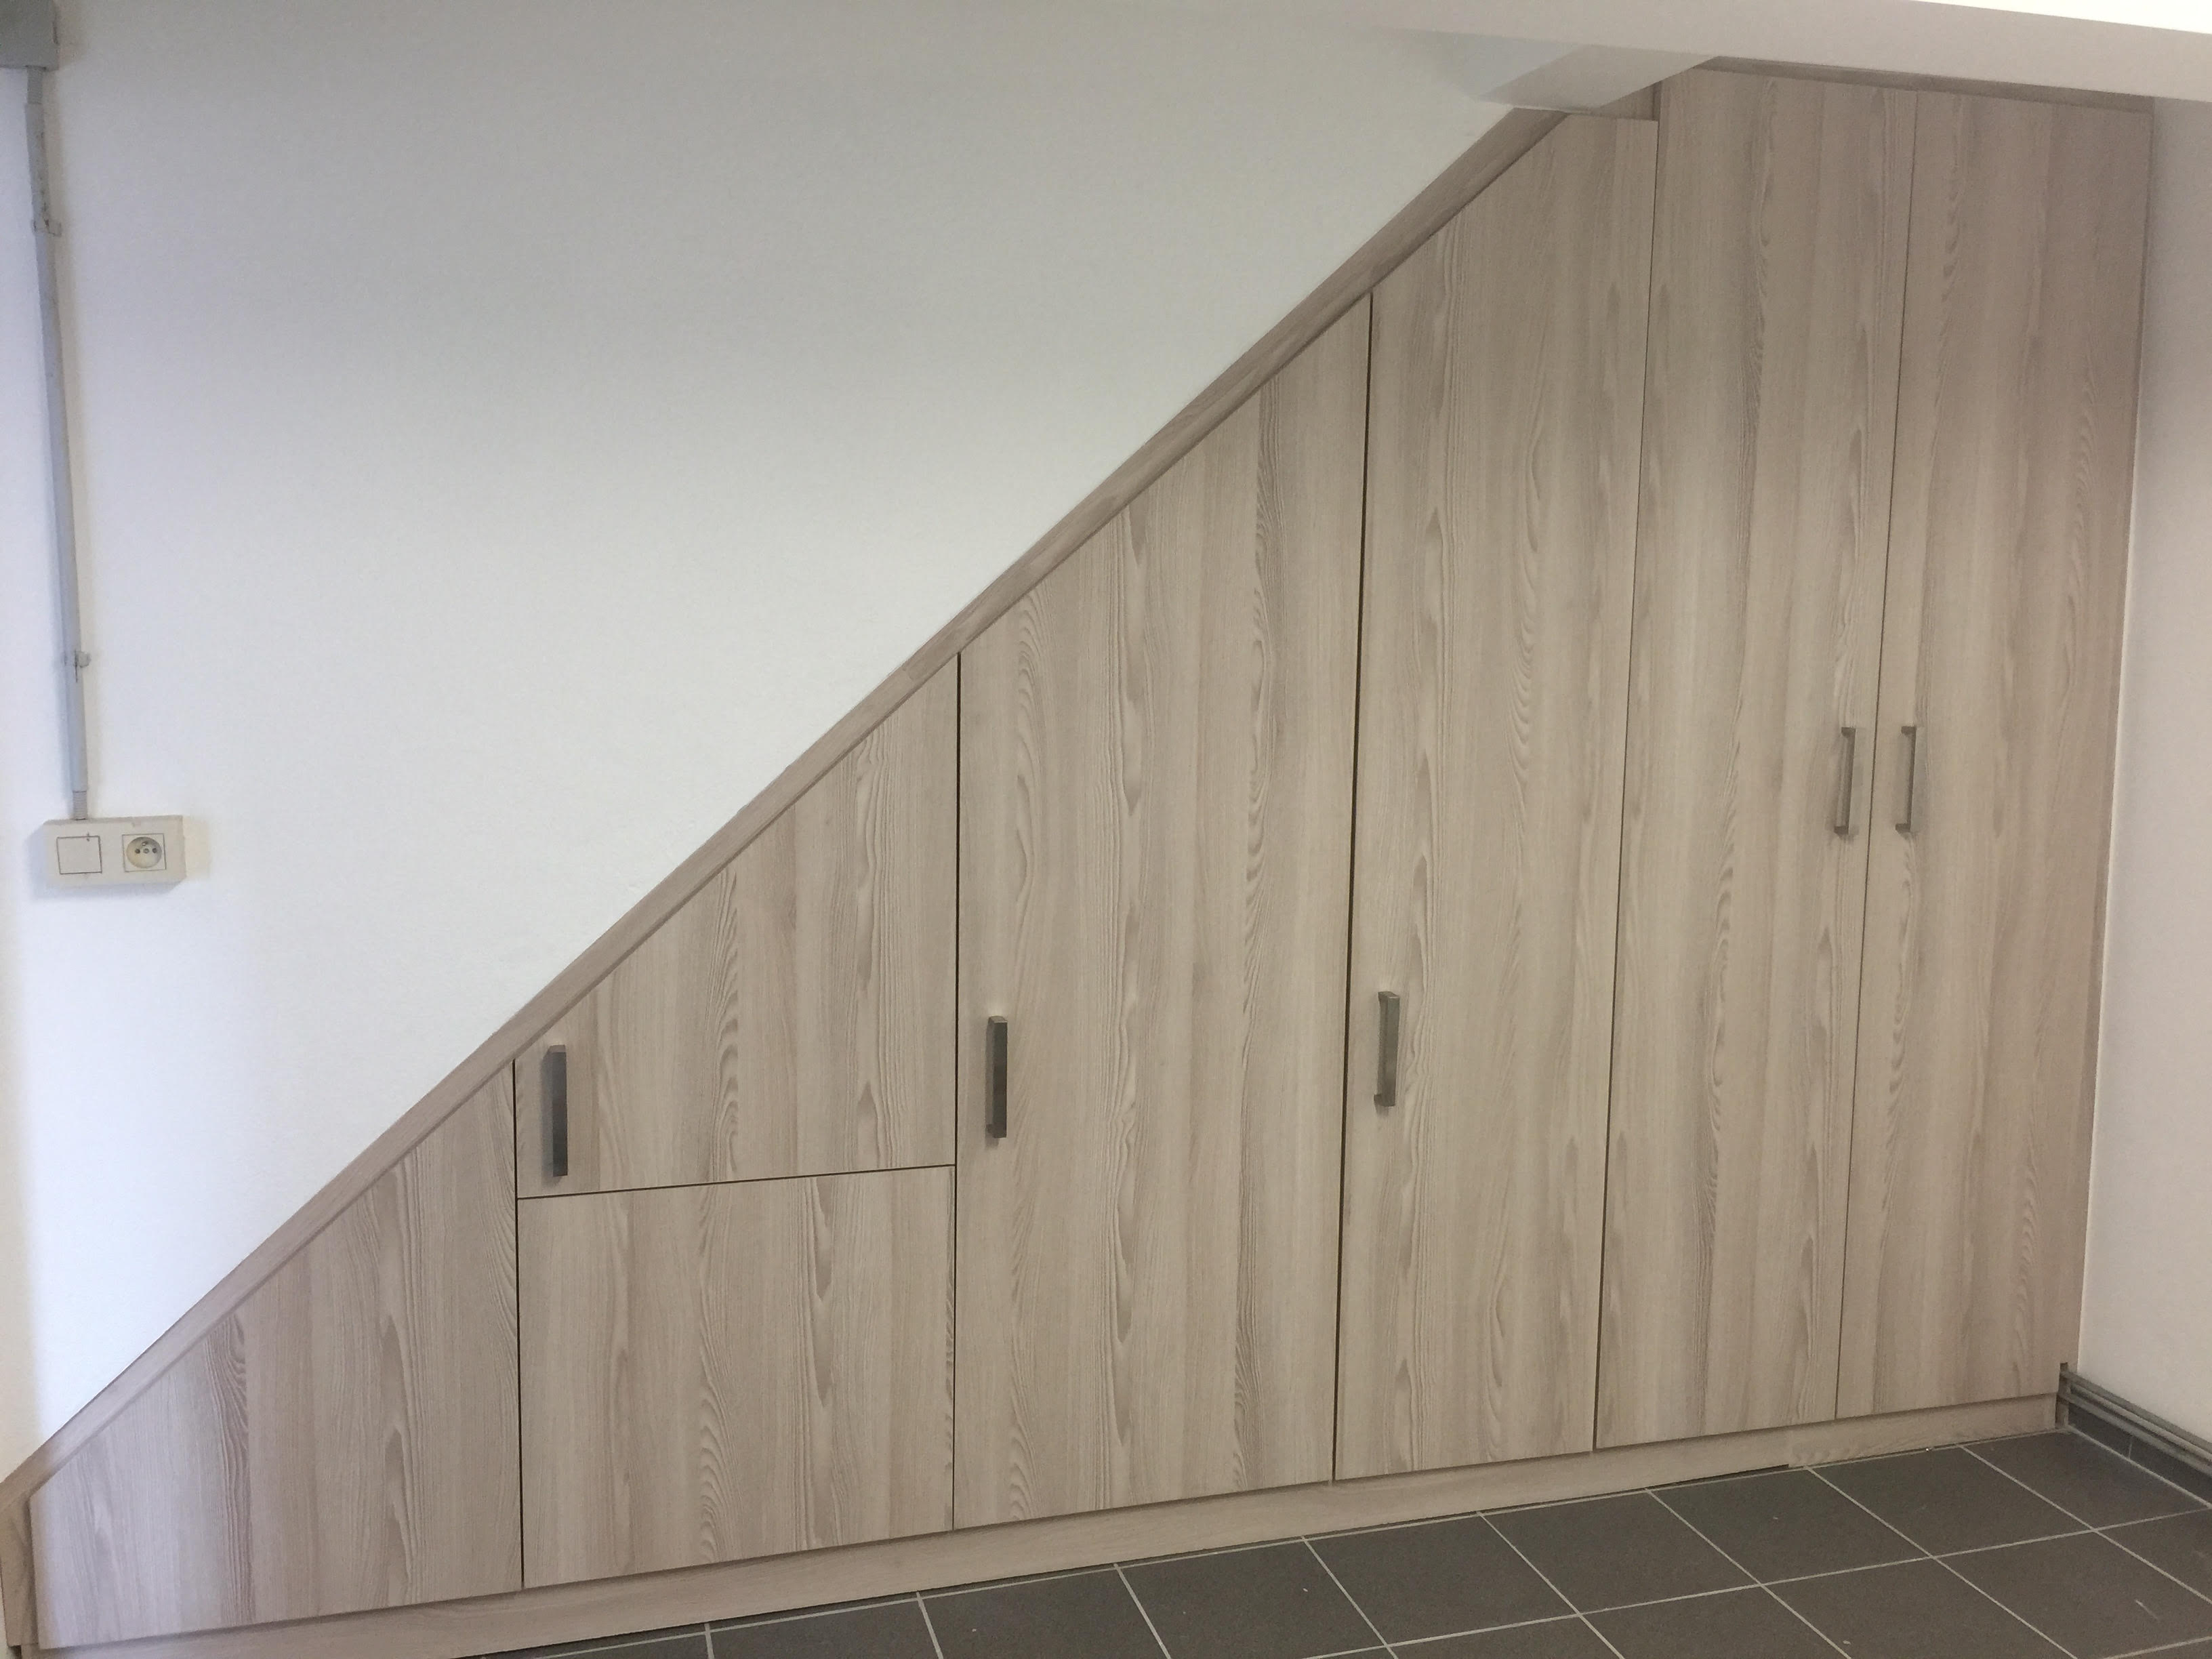 Meuble sous-escalier en stratifié bois - Mobilier sur mesure